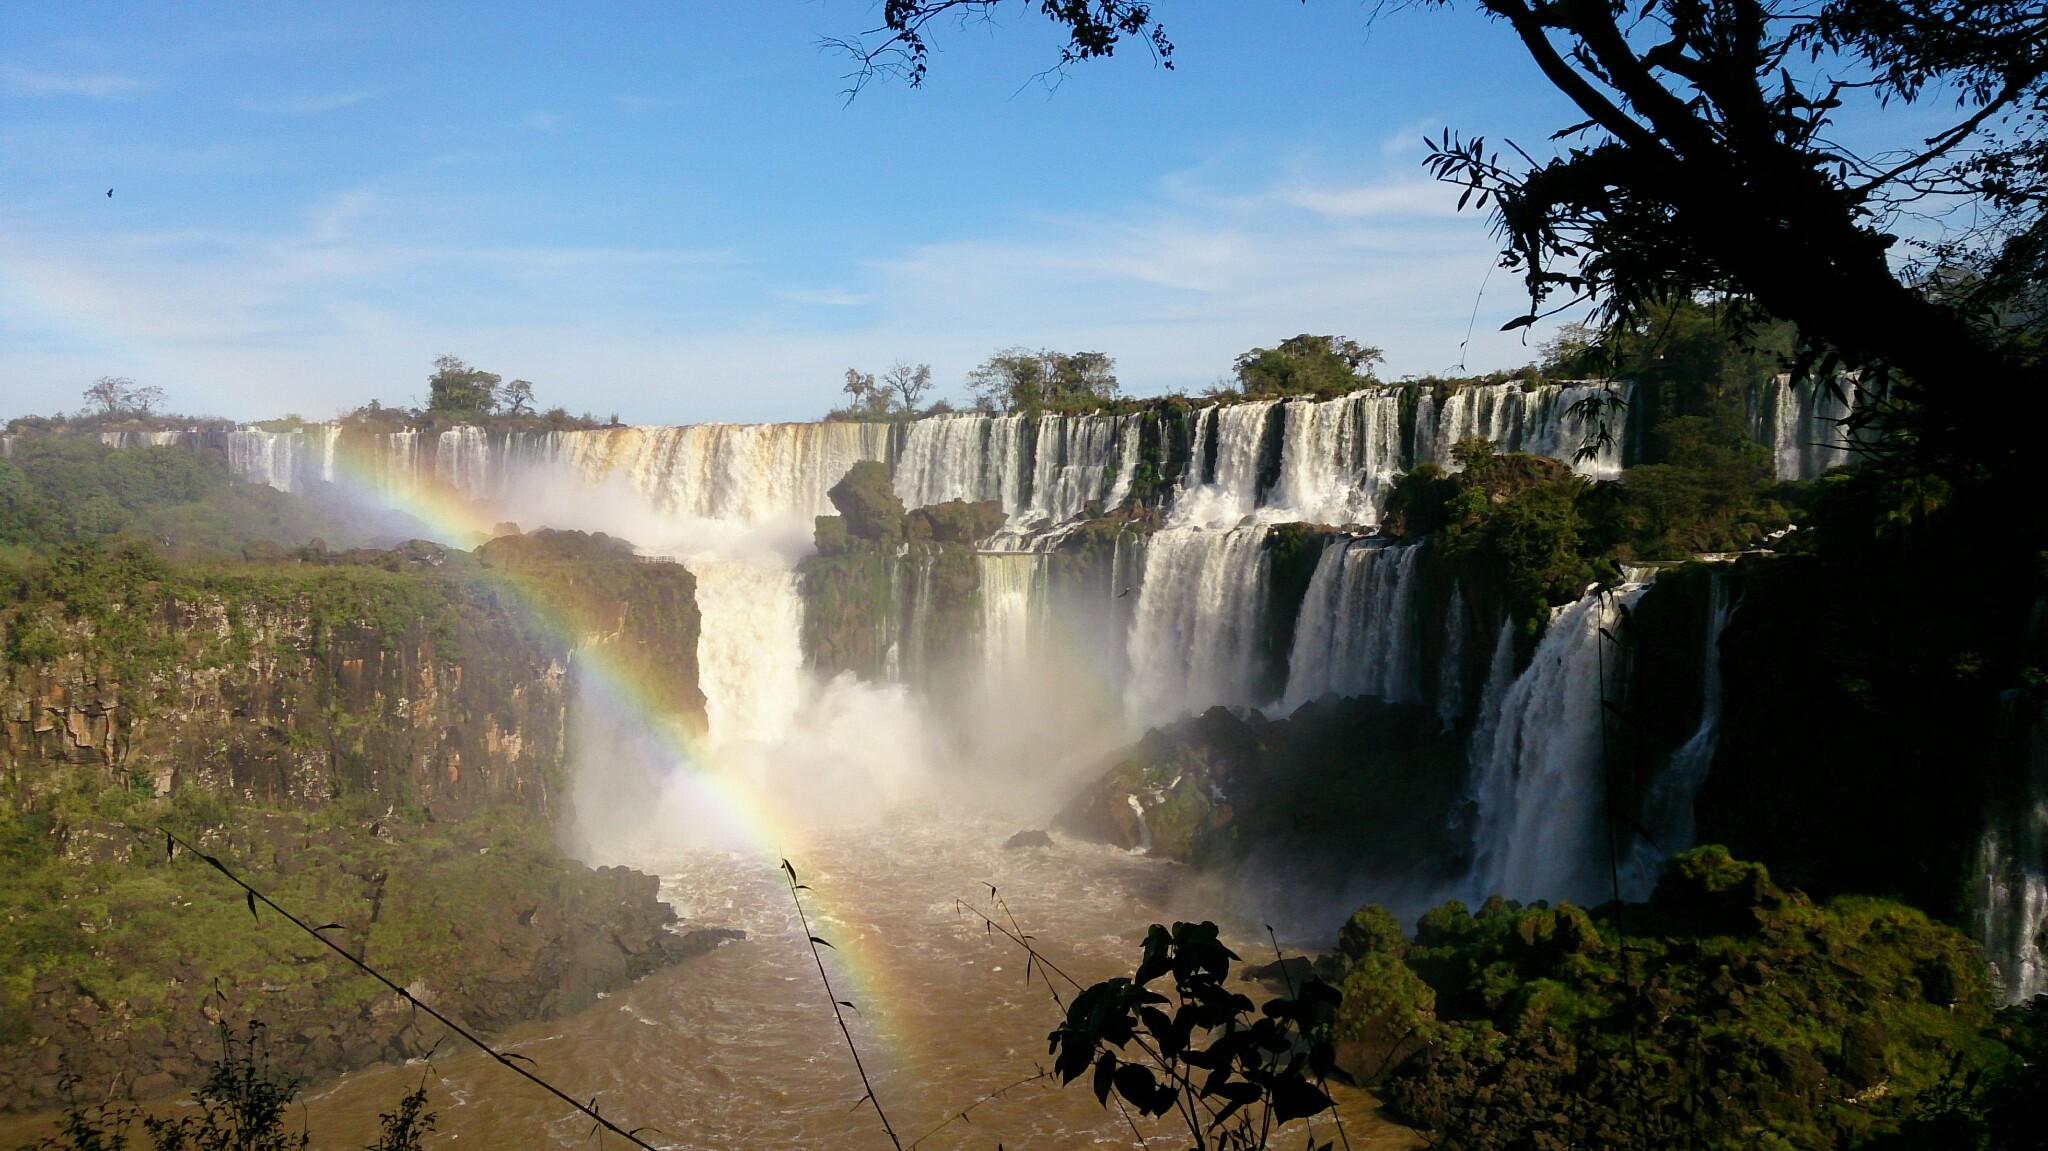 Roteiro-foz-do-igua%C3%A7u-cataratas-argentina-2 Roteiro Foz do Iguaçu Completo (e ÉPICO) - 3 a 5 dias